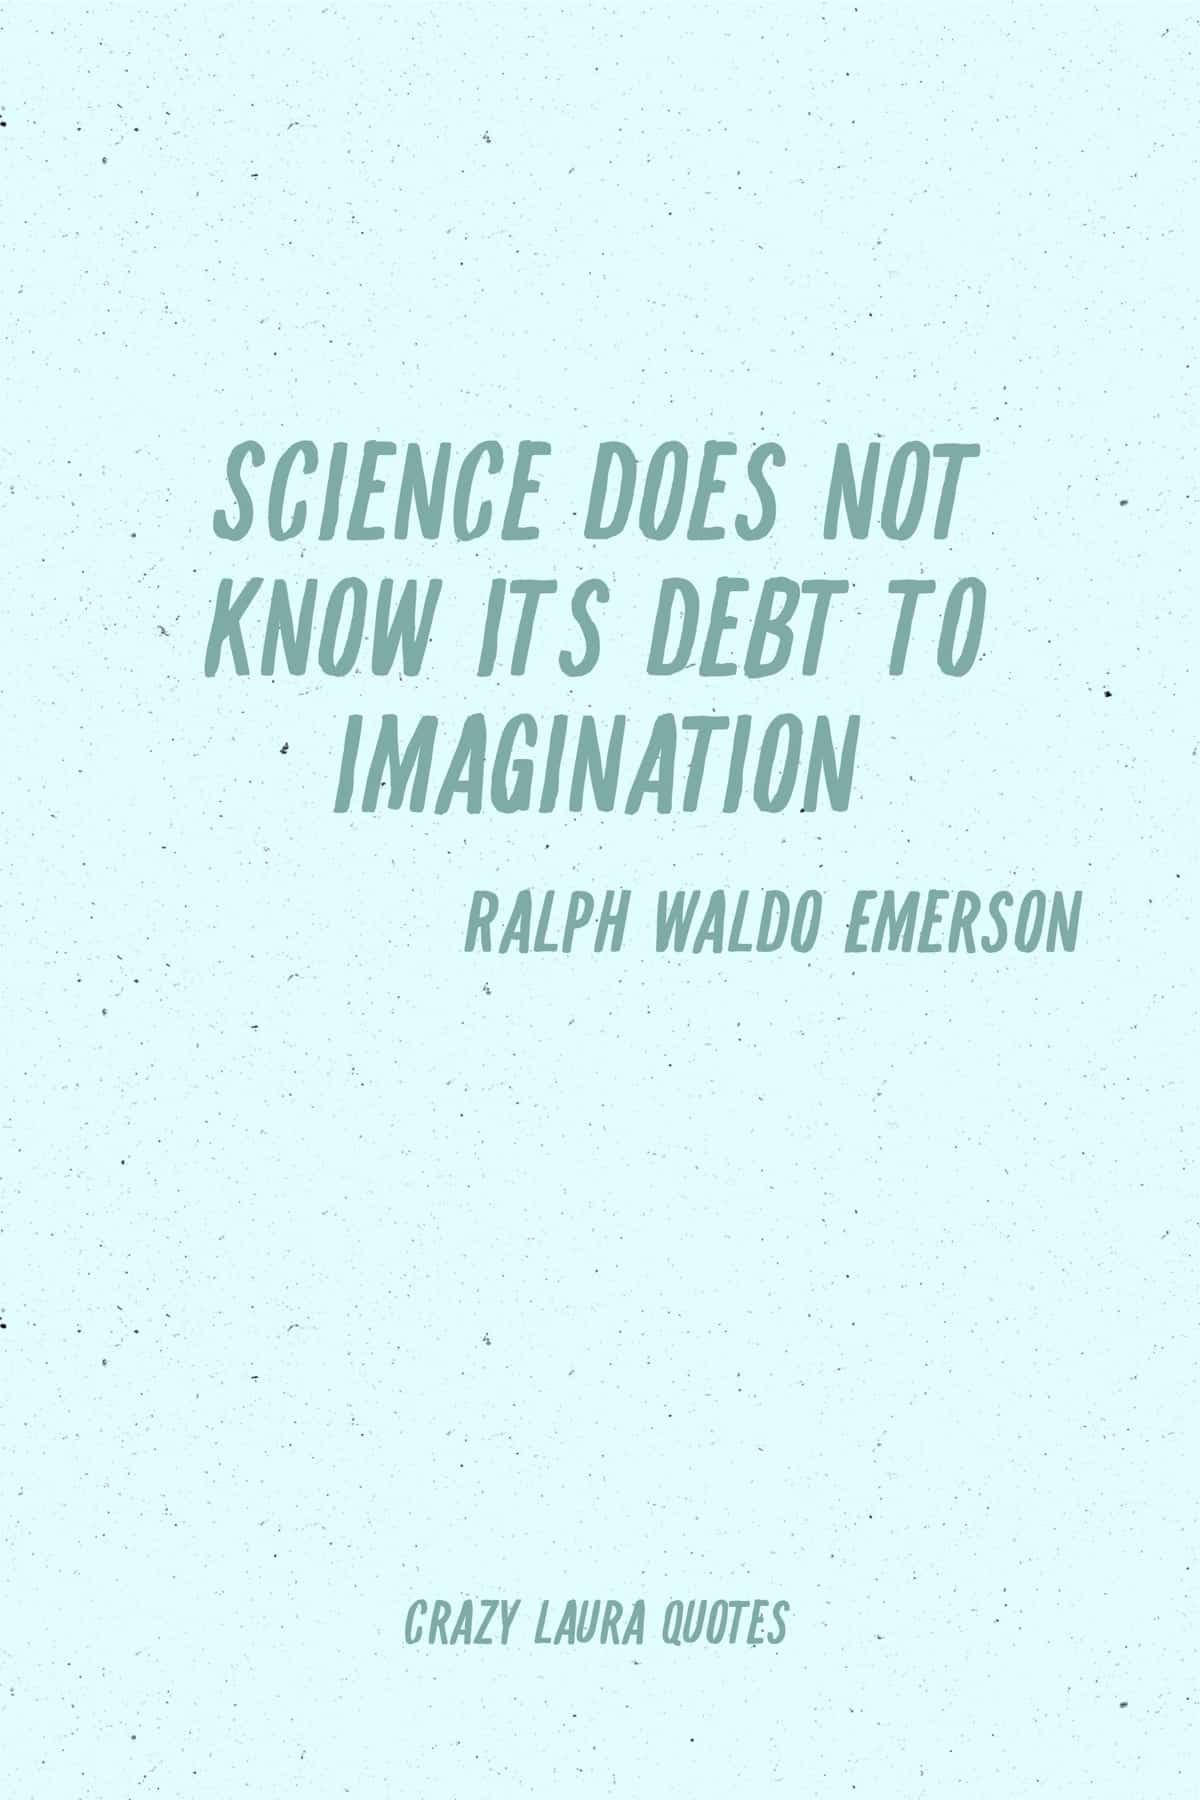 ralph waldo emerson saying about imagination